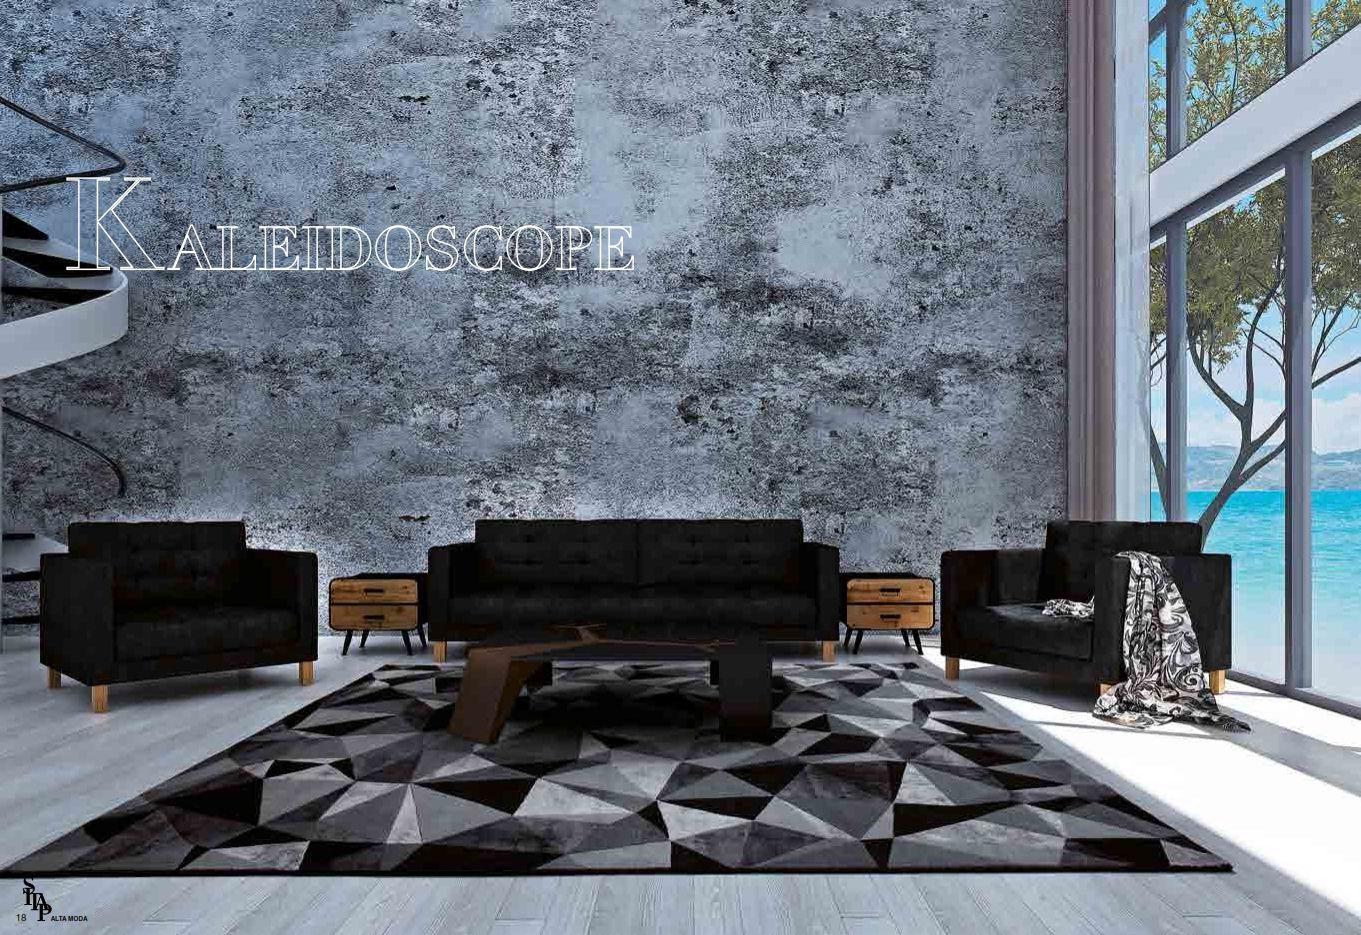 Tapis tapis italien sitap kaleidoscope seriesles meubles for Tapis italien design